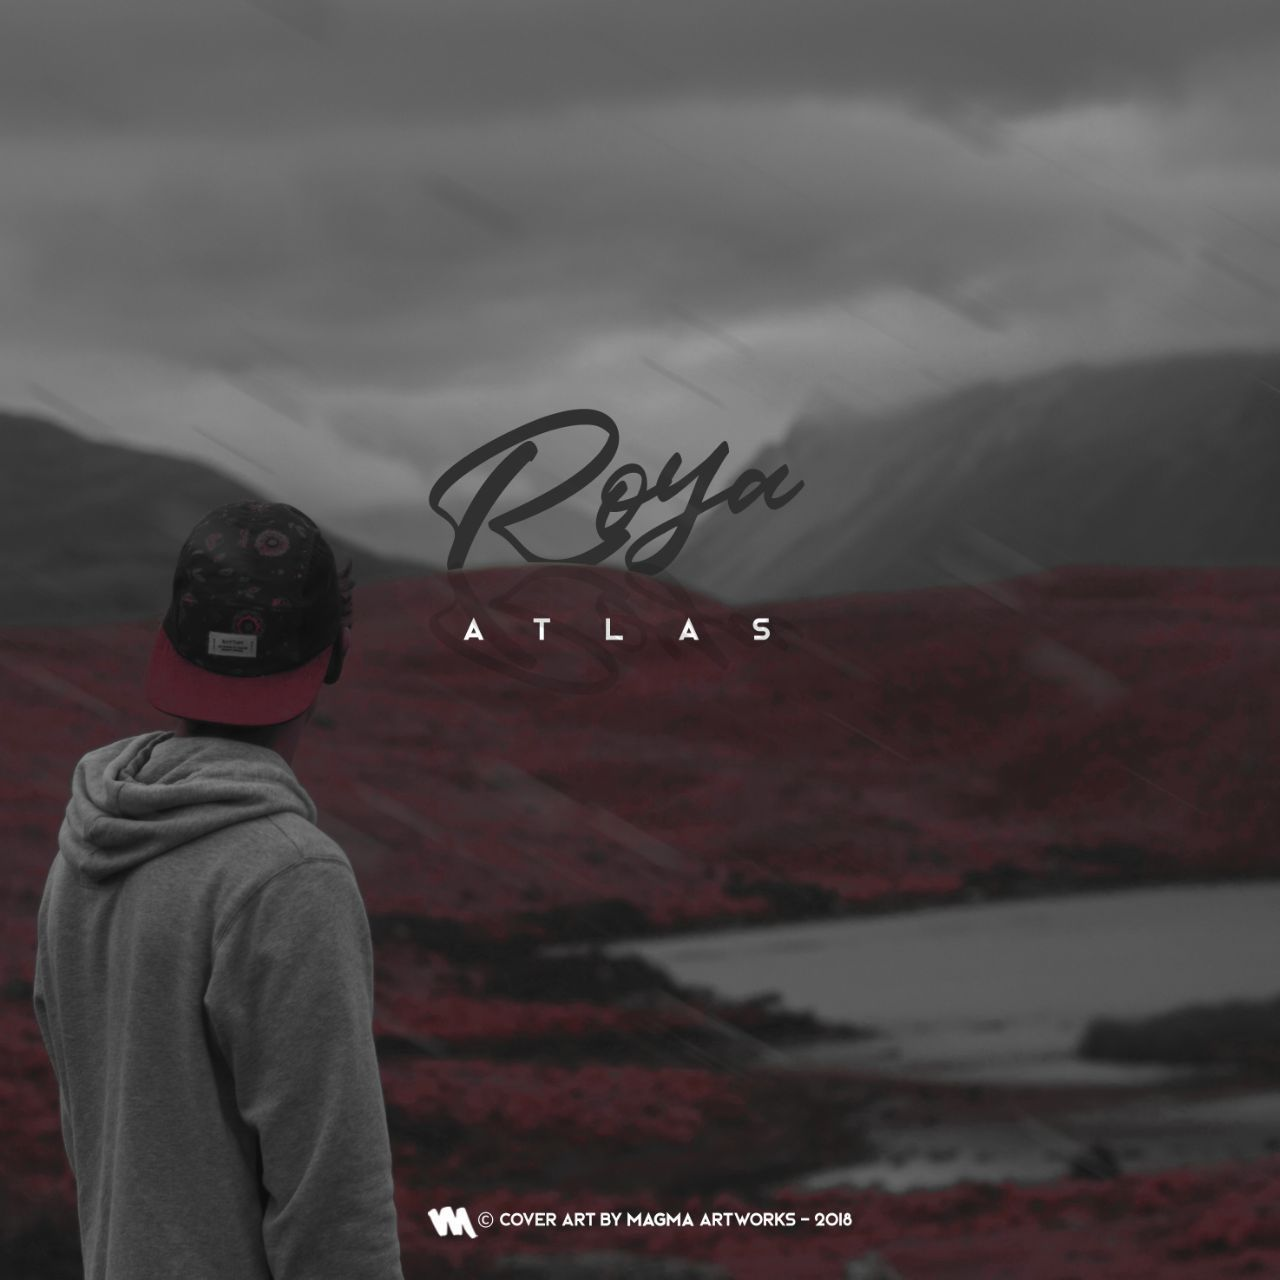 آهنگ جدید Atlas به نام رویا